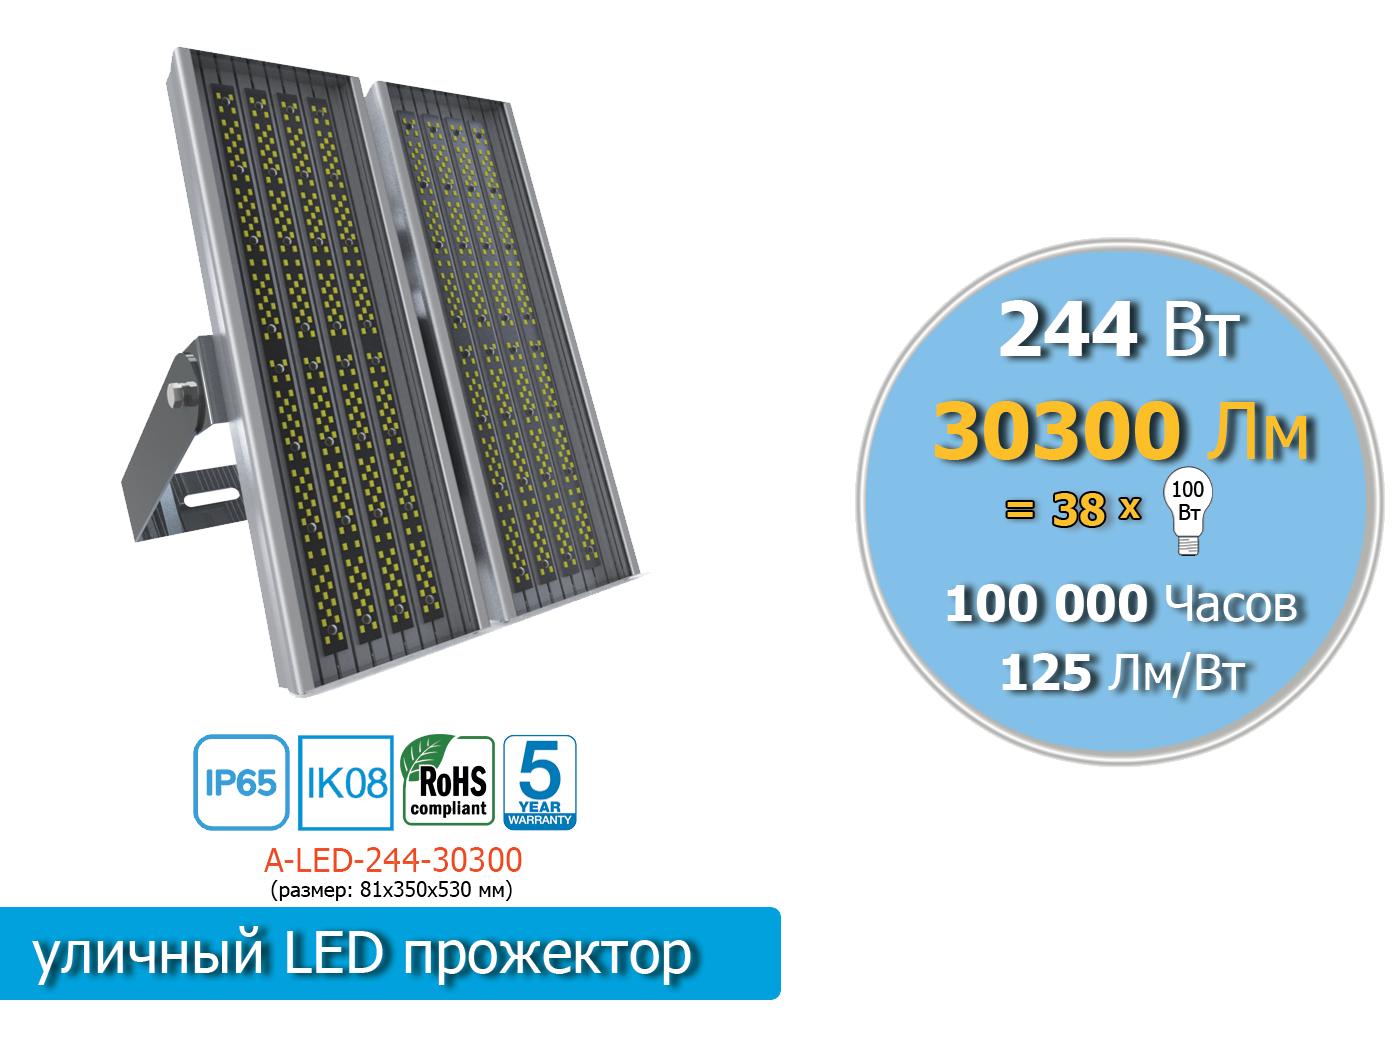 A-LED-244-30300-P